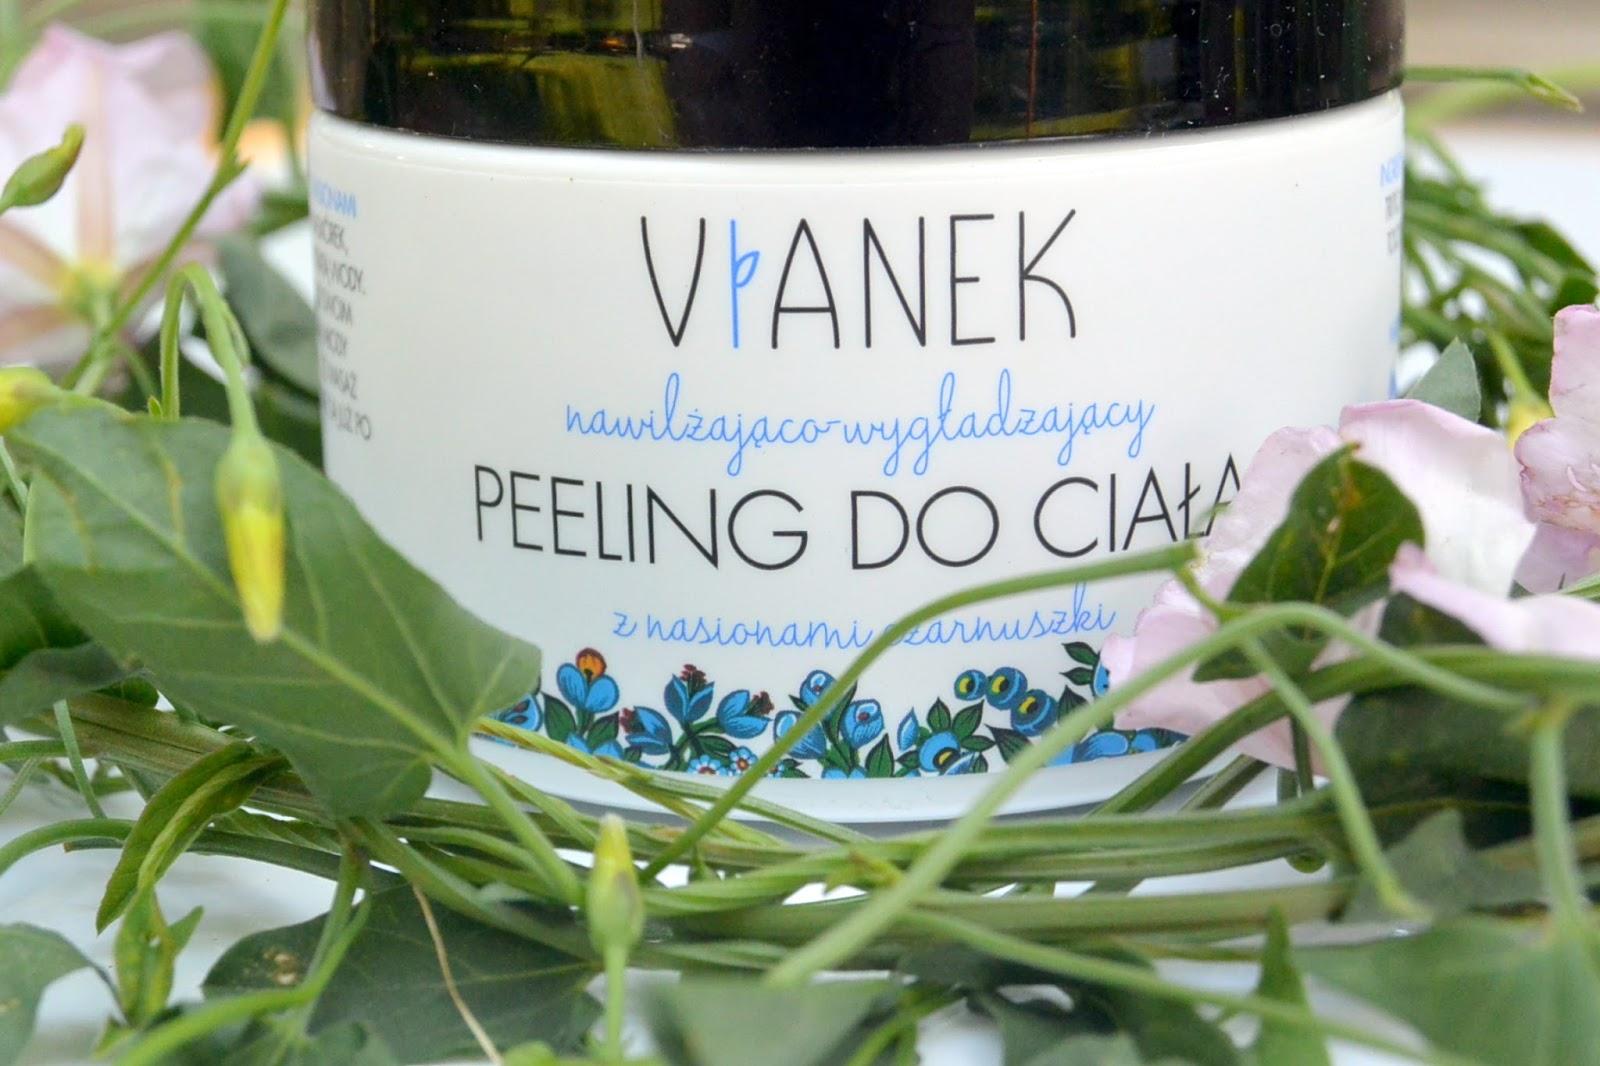 Upleciony z polskich kwiatów i ziół VIANEK | Nawilżająco - wygładzający peeling do ciała